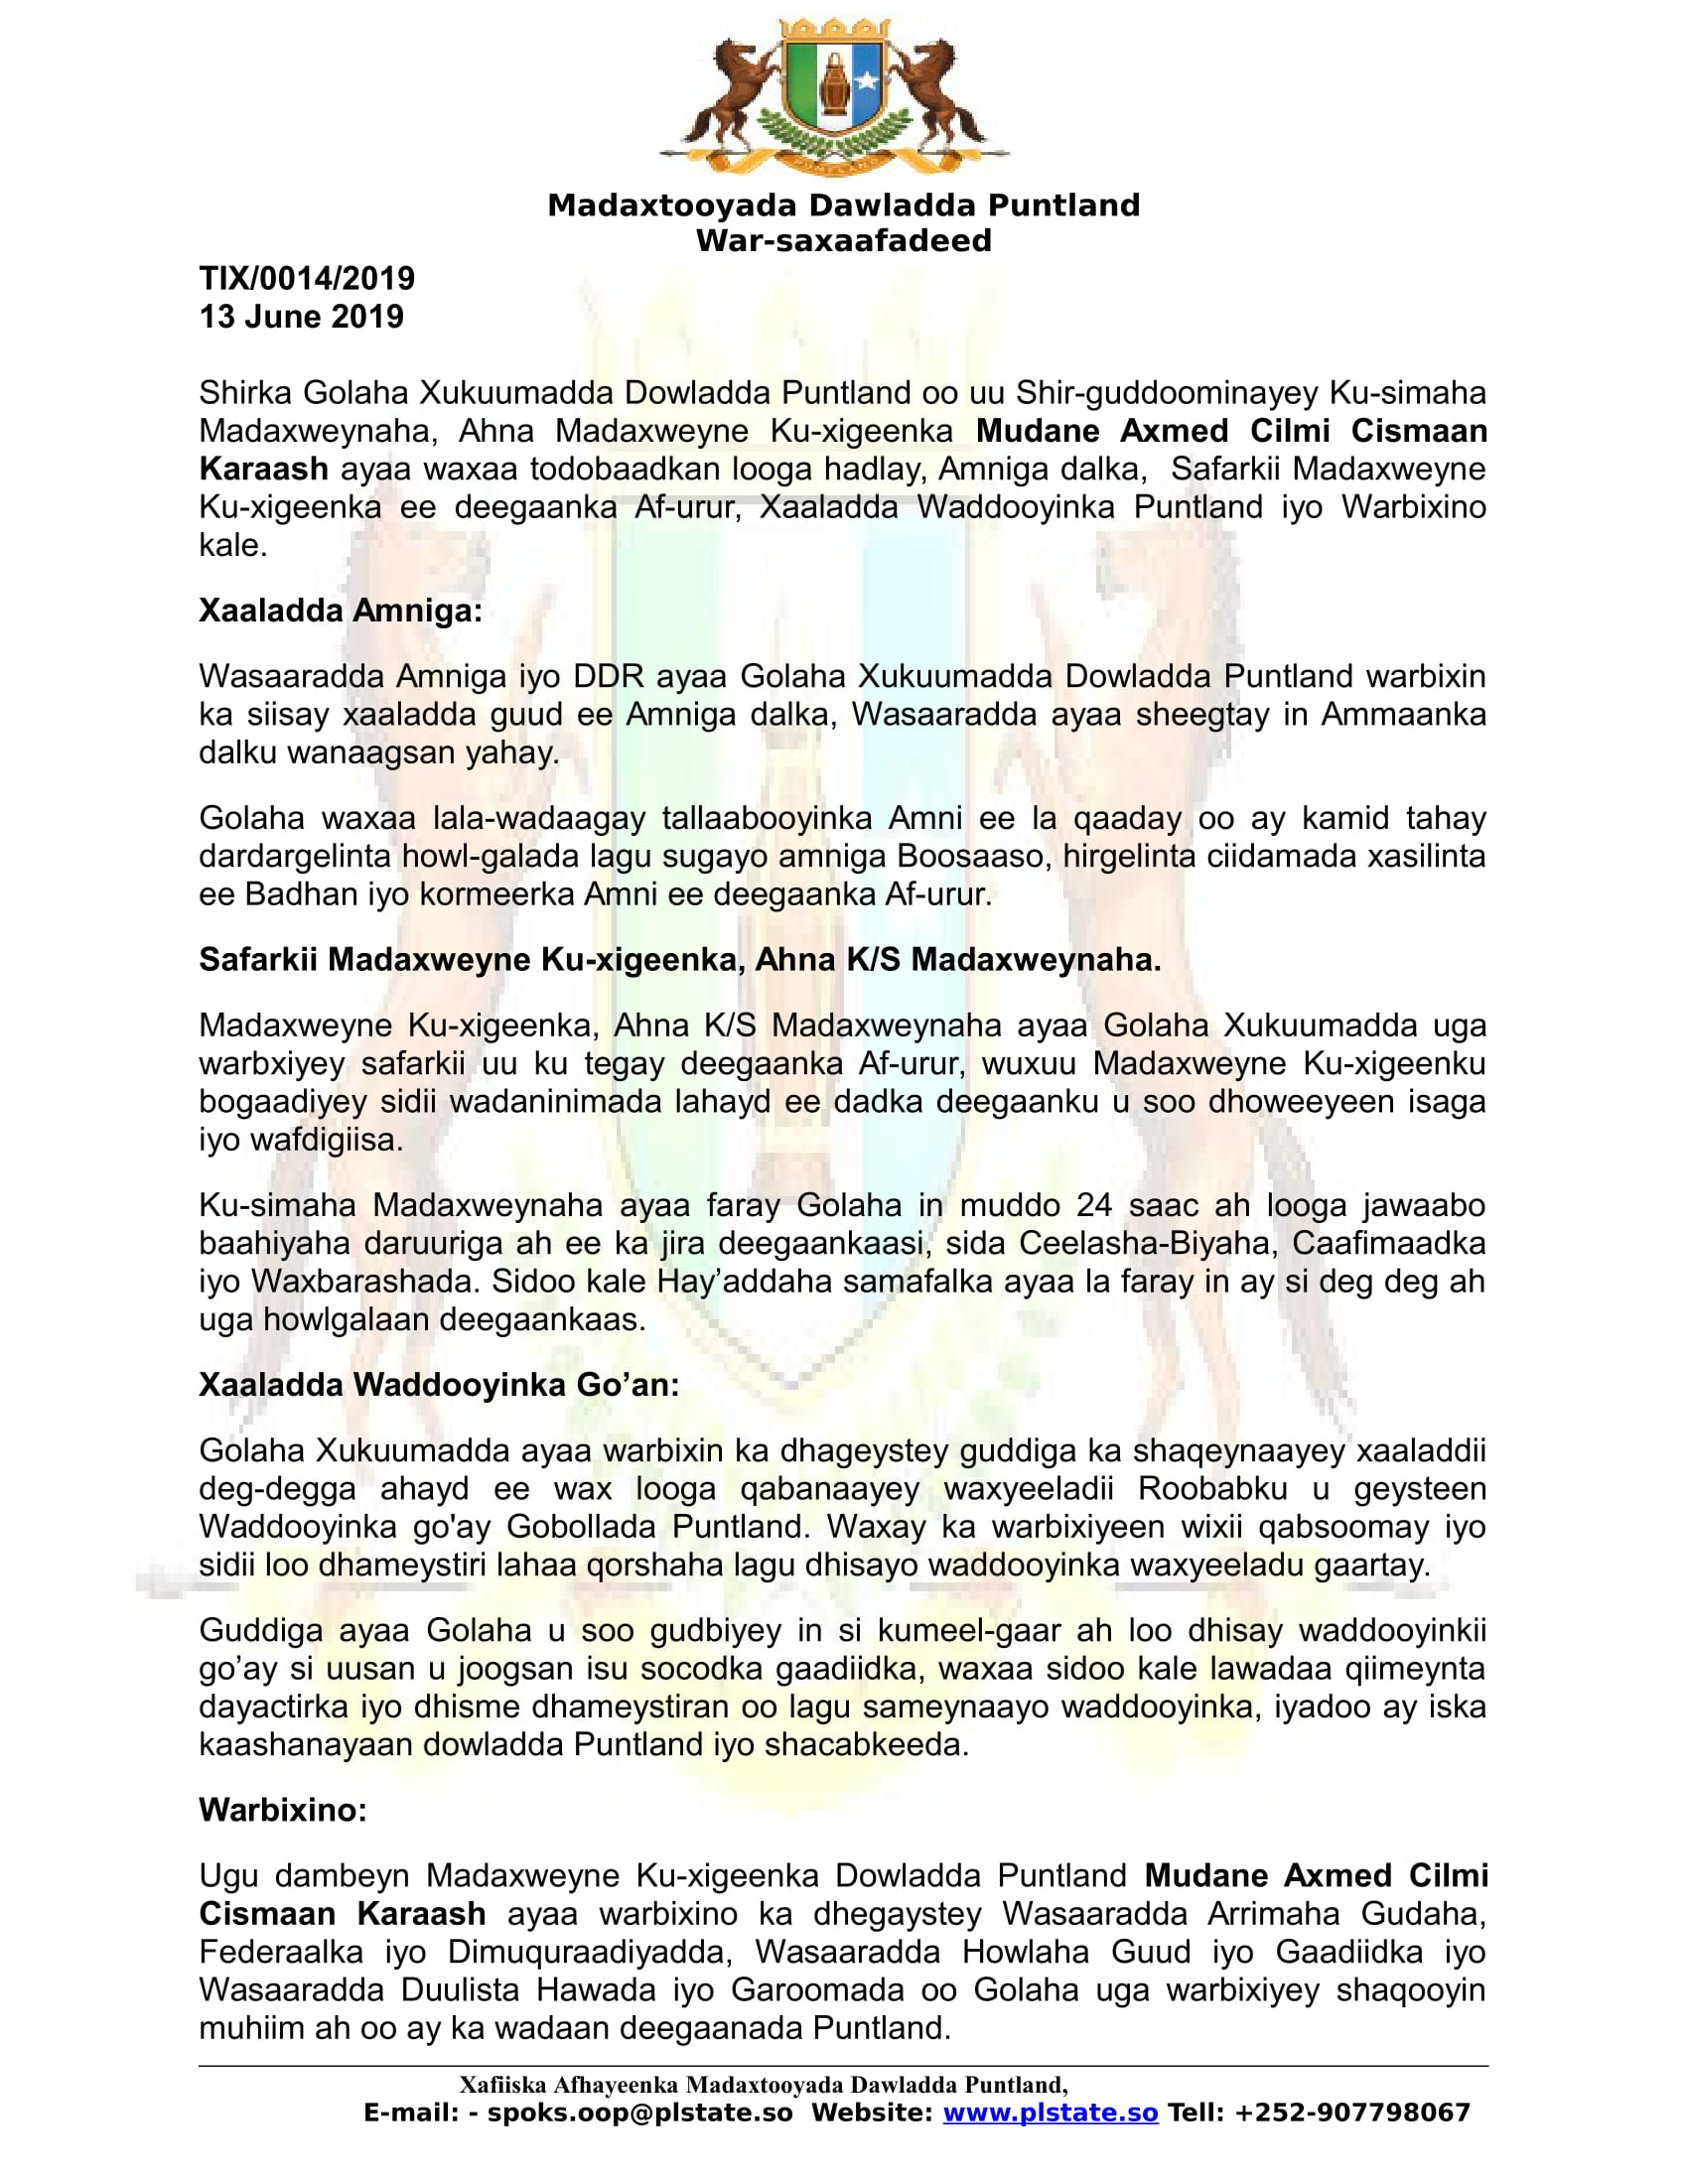 1 Shirka Golaha Xukuumadda Puntland (2)